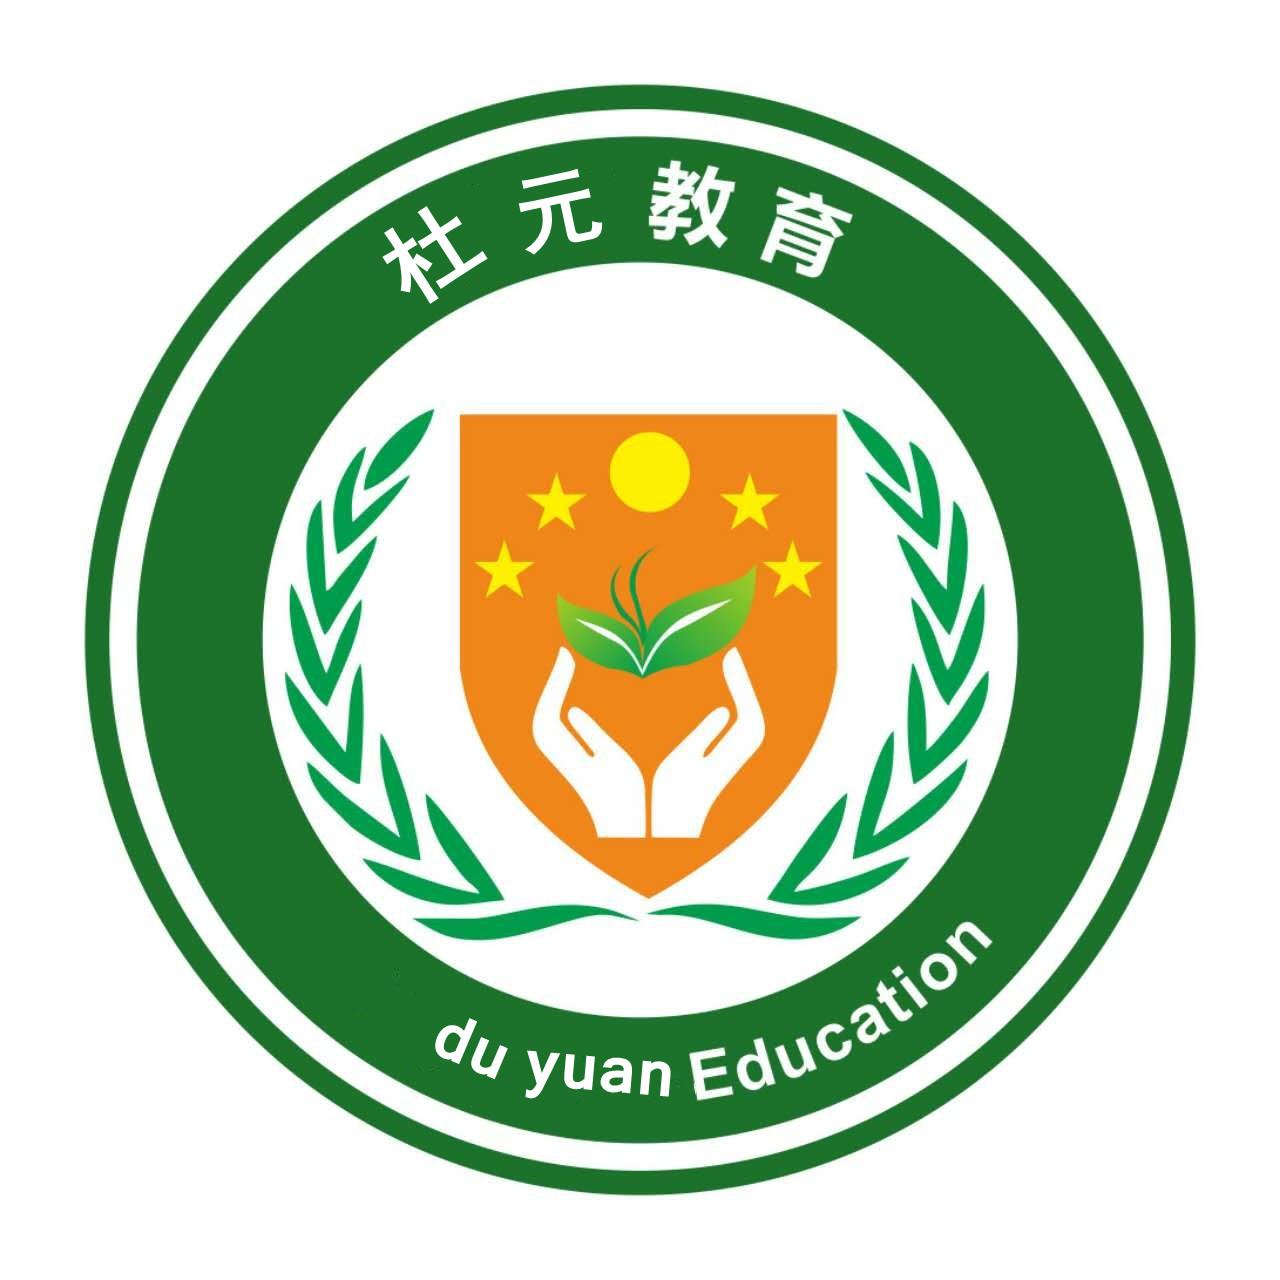 湖南杜元教育科技有限公司